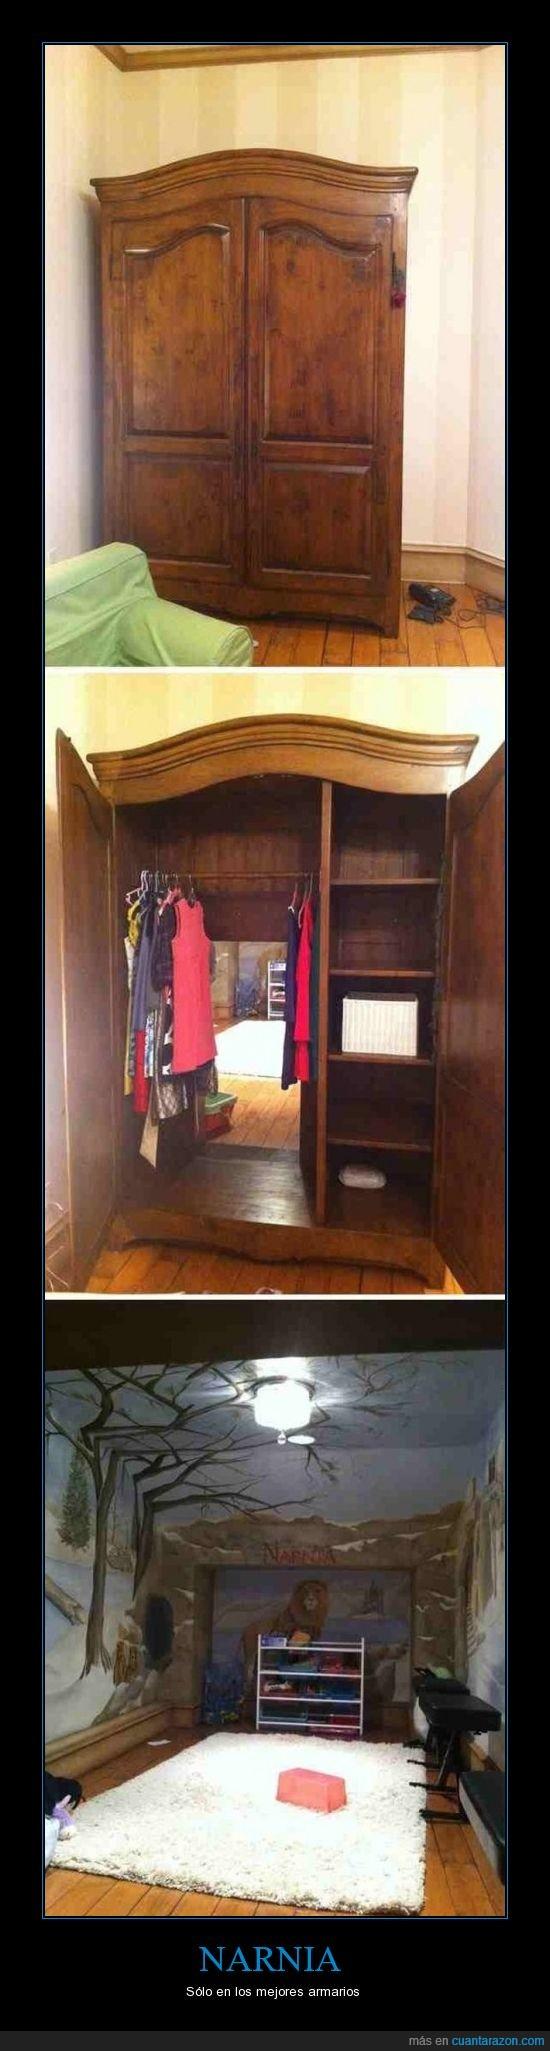 armario,aslan,habitación,narnia,secreto